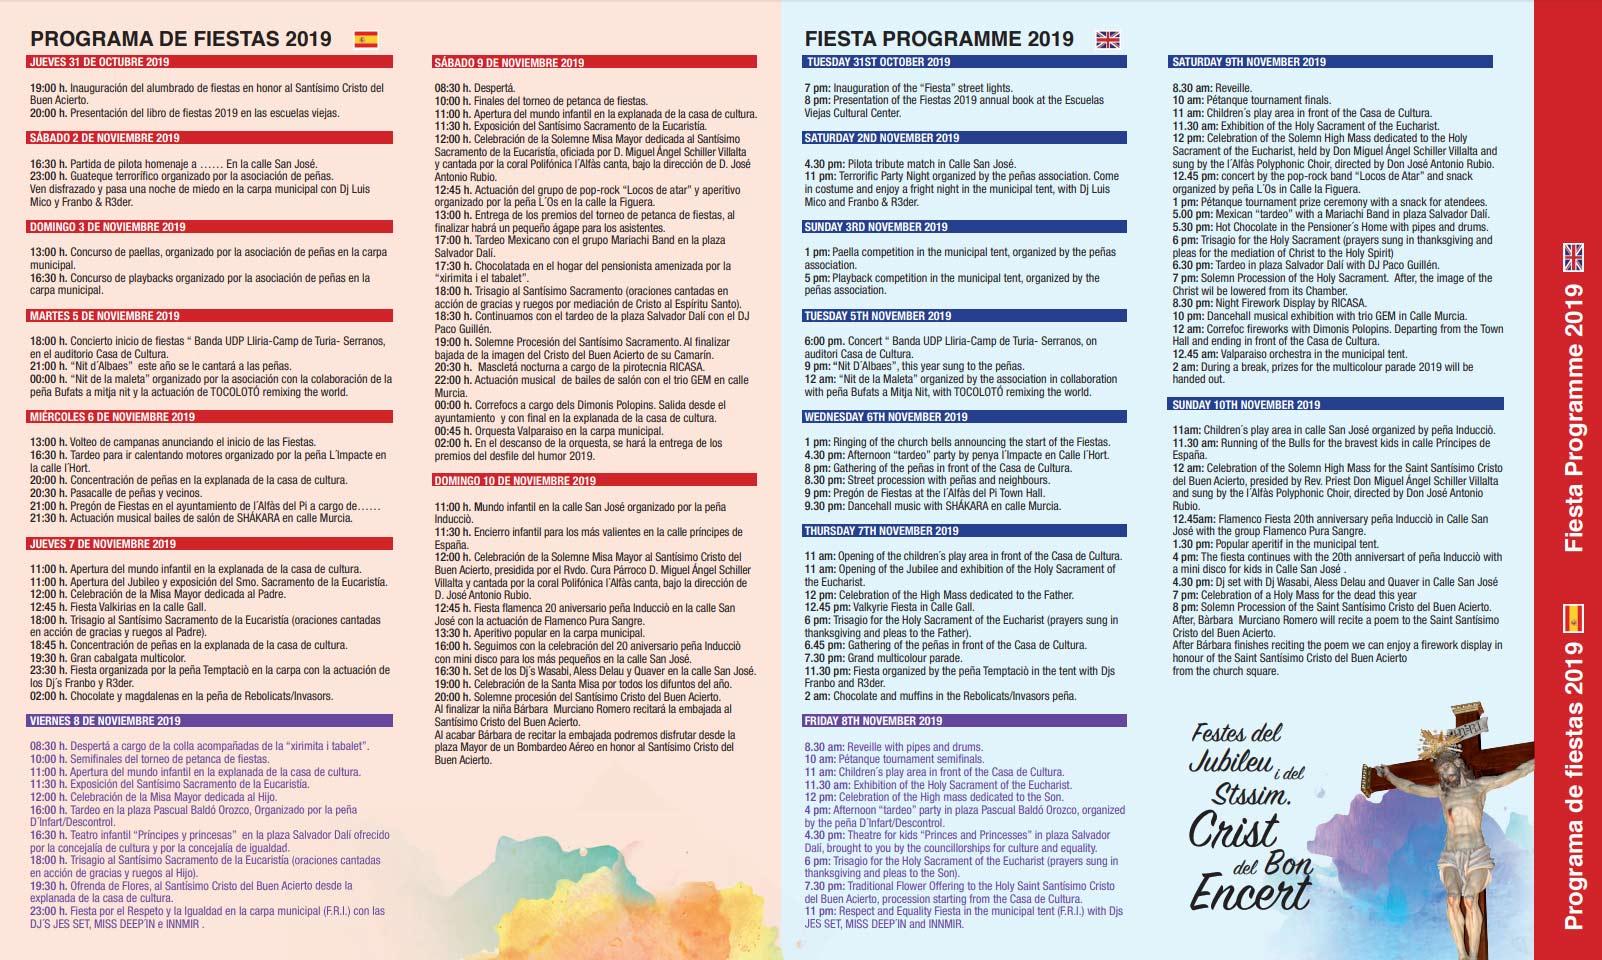 Fiesta Program